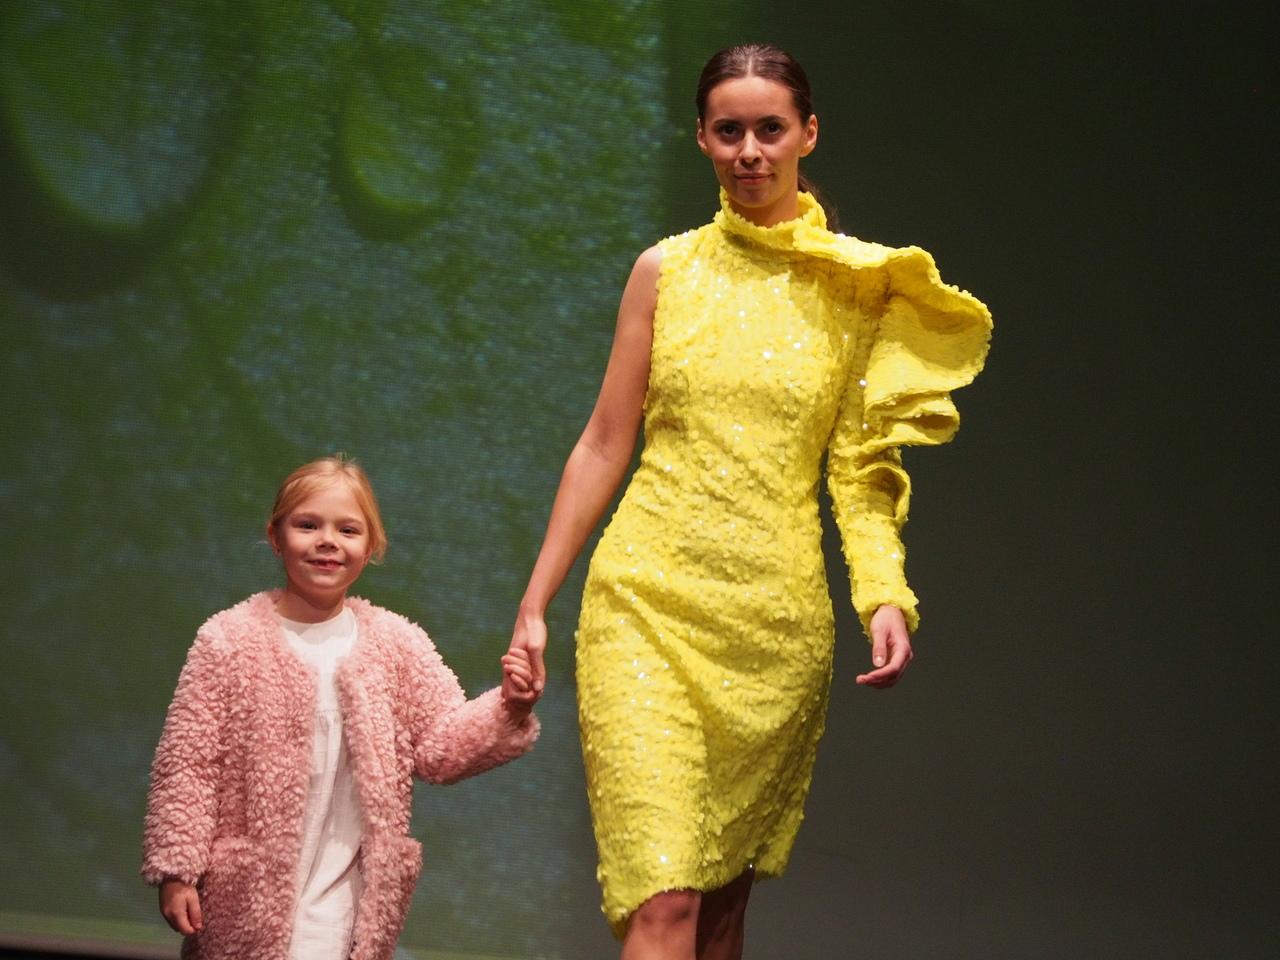 Moda jest eko. Ekologia jest w modzie Design pb182189 easy resize.com